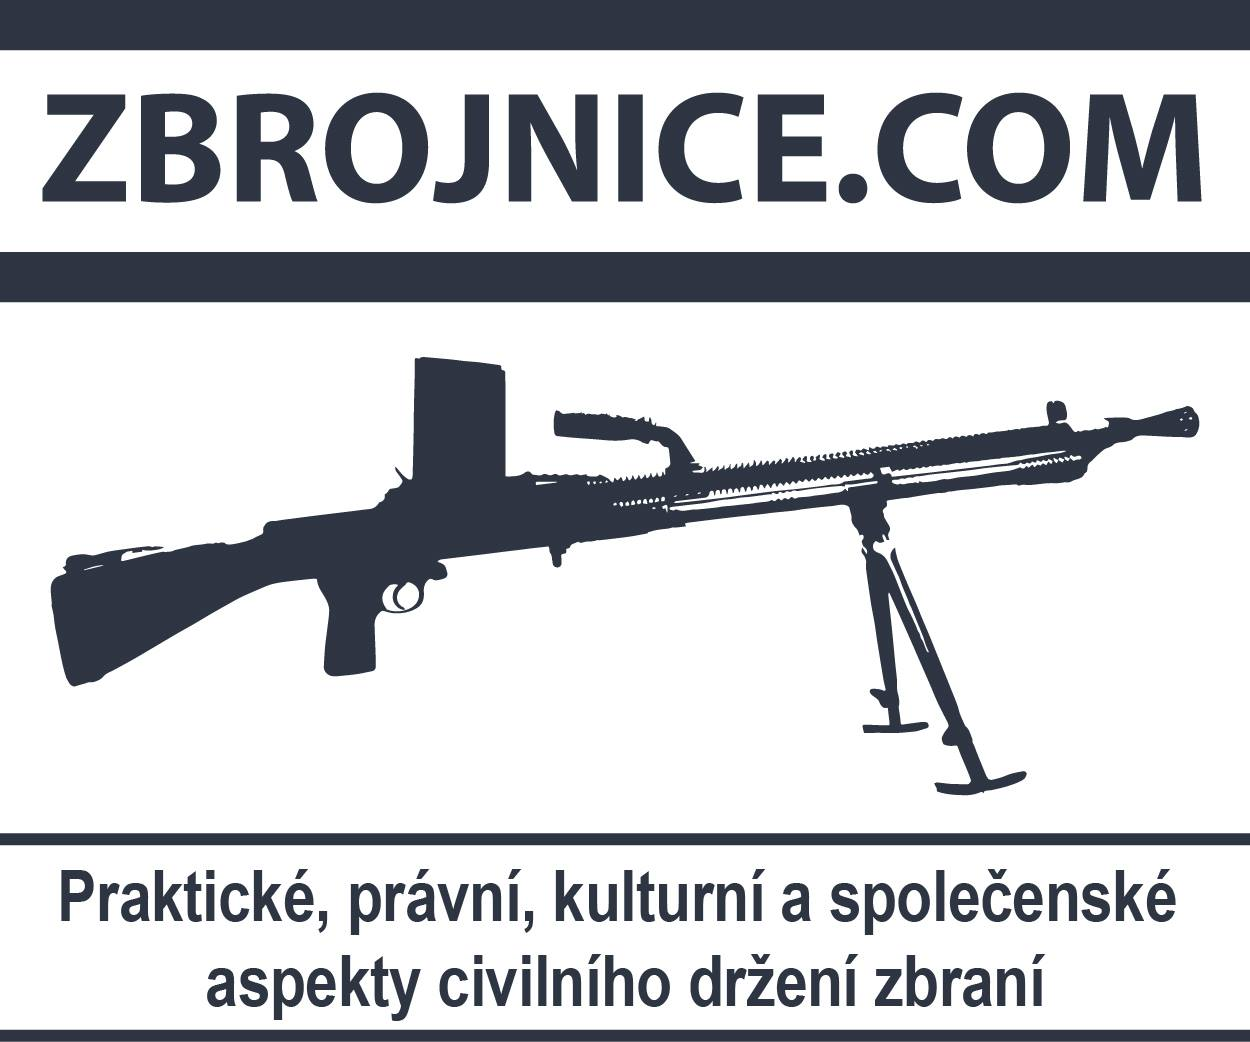 Zbrojnice.com - praktické, právní, kulturní a společnské aspekty civilního držení zbraní.